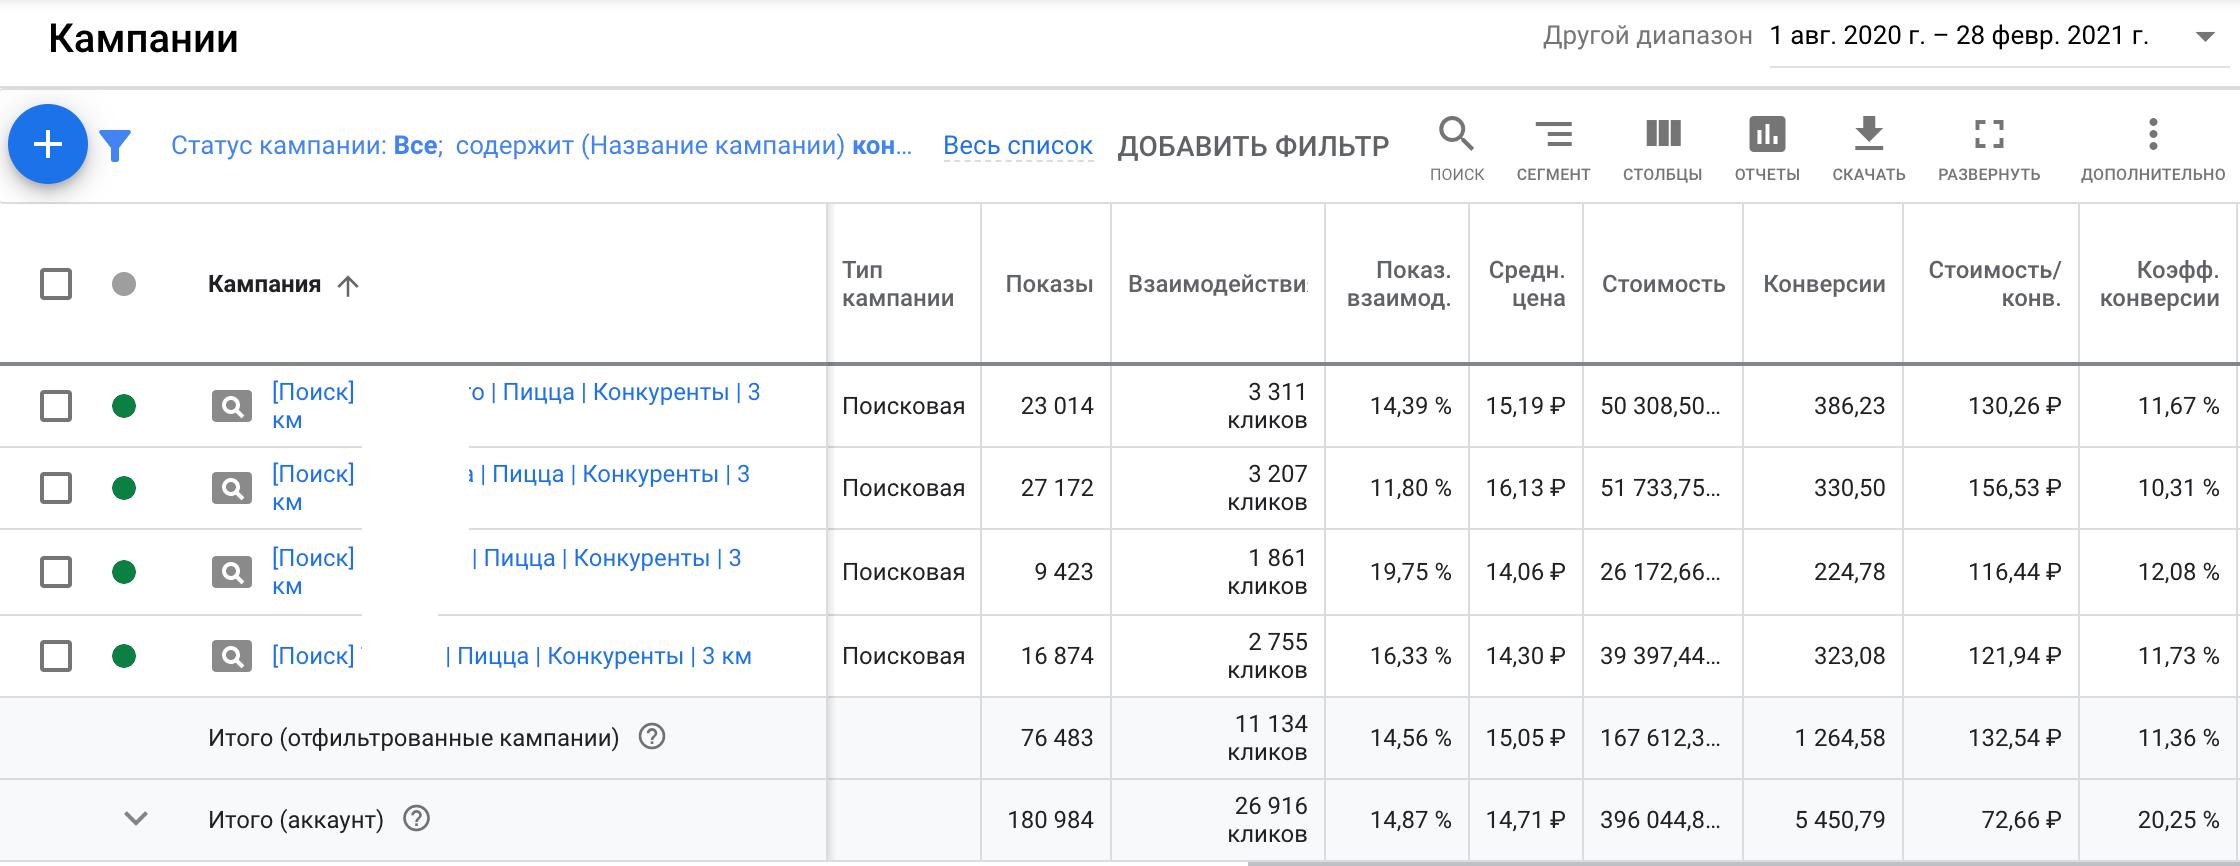 1635 заявок по 147 рублей на доставку пиццы из Google Ads за 7 месяцев